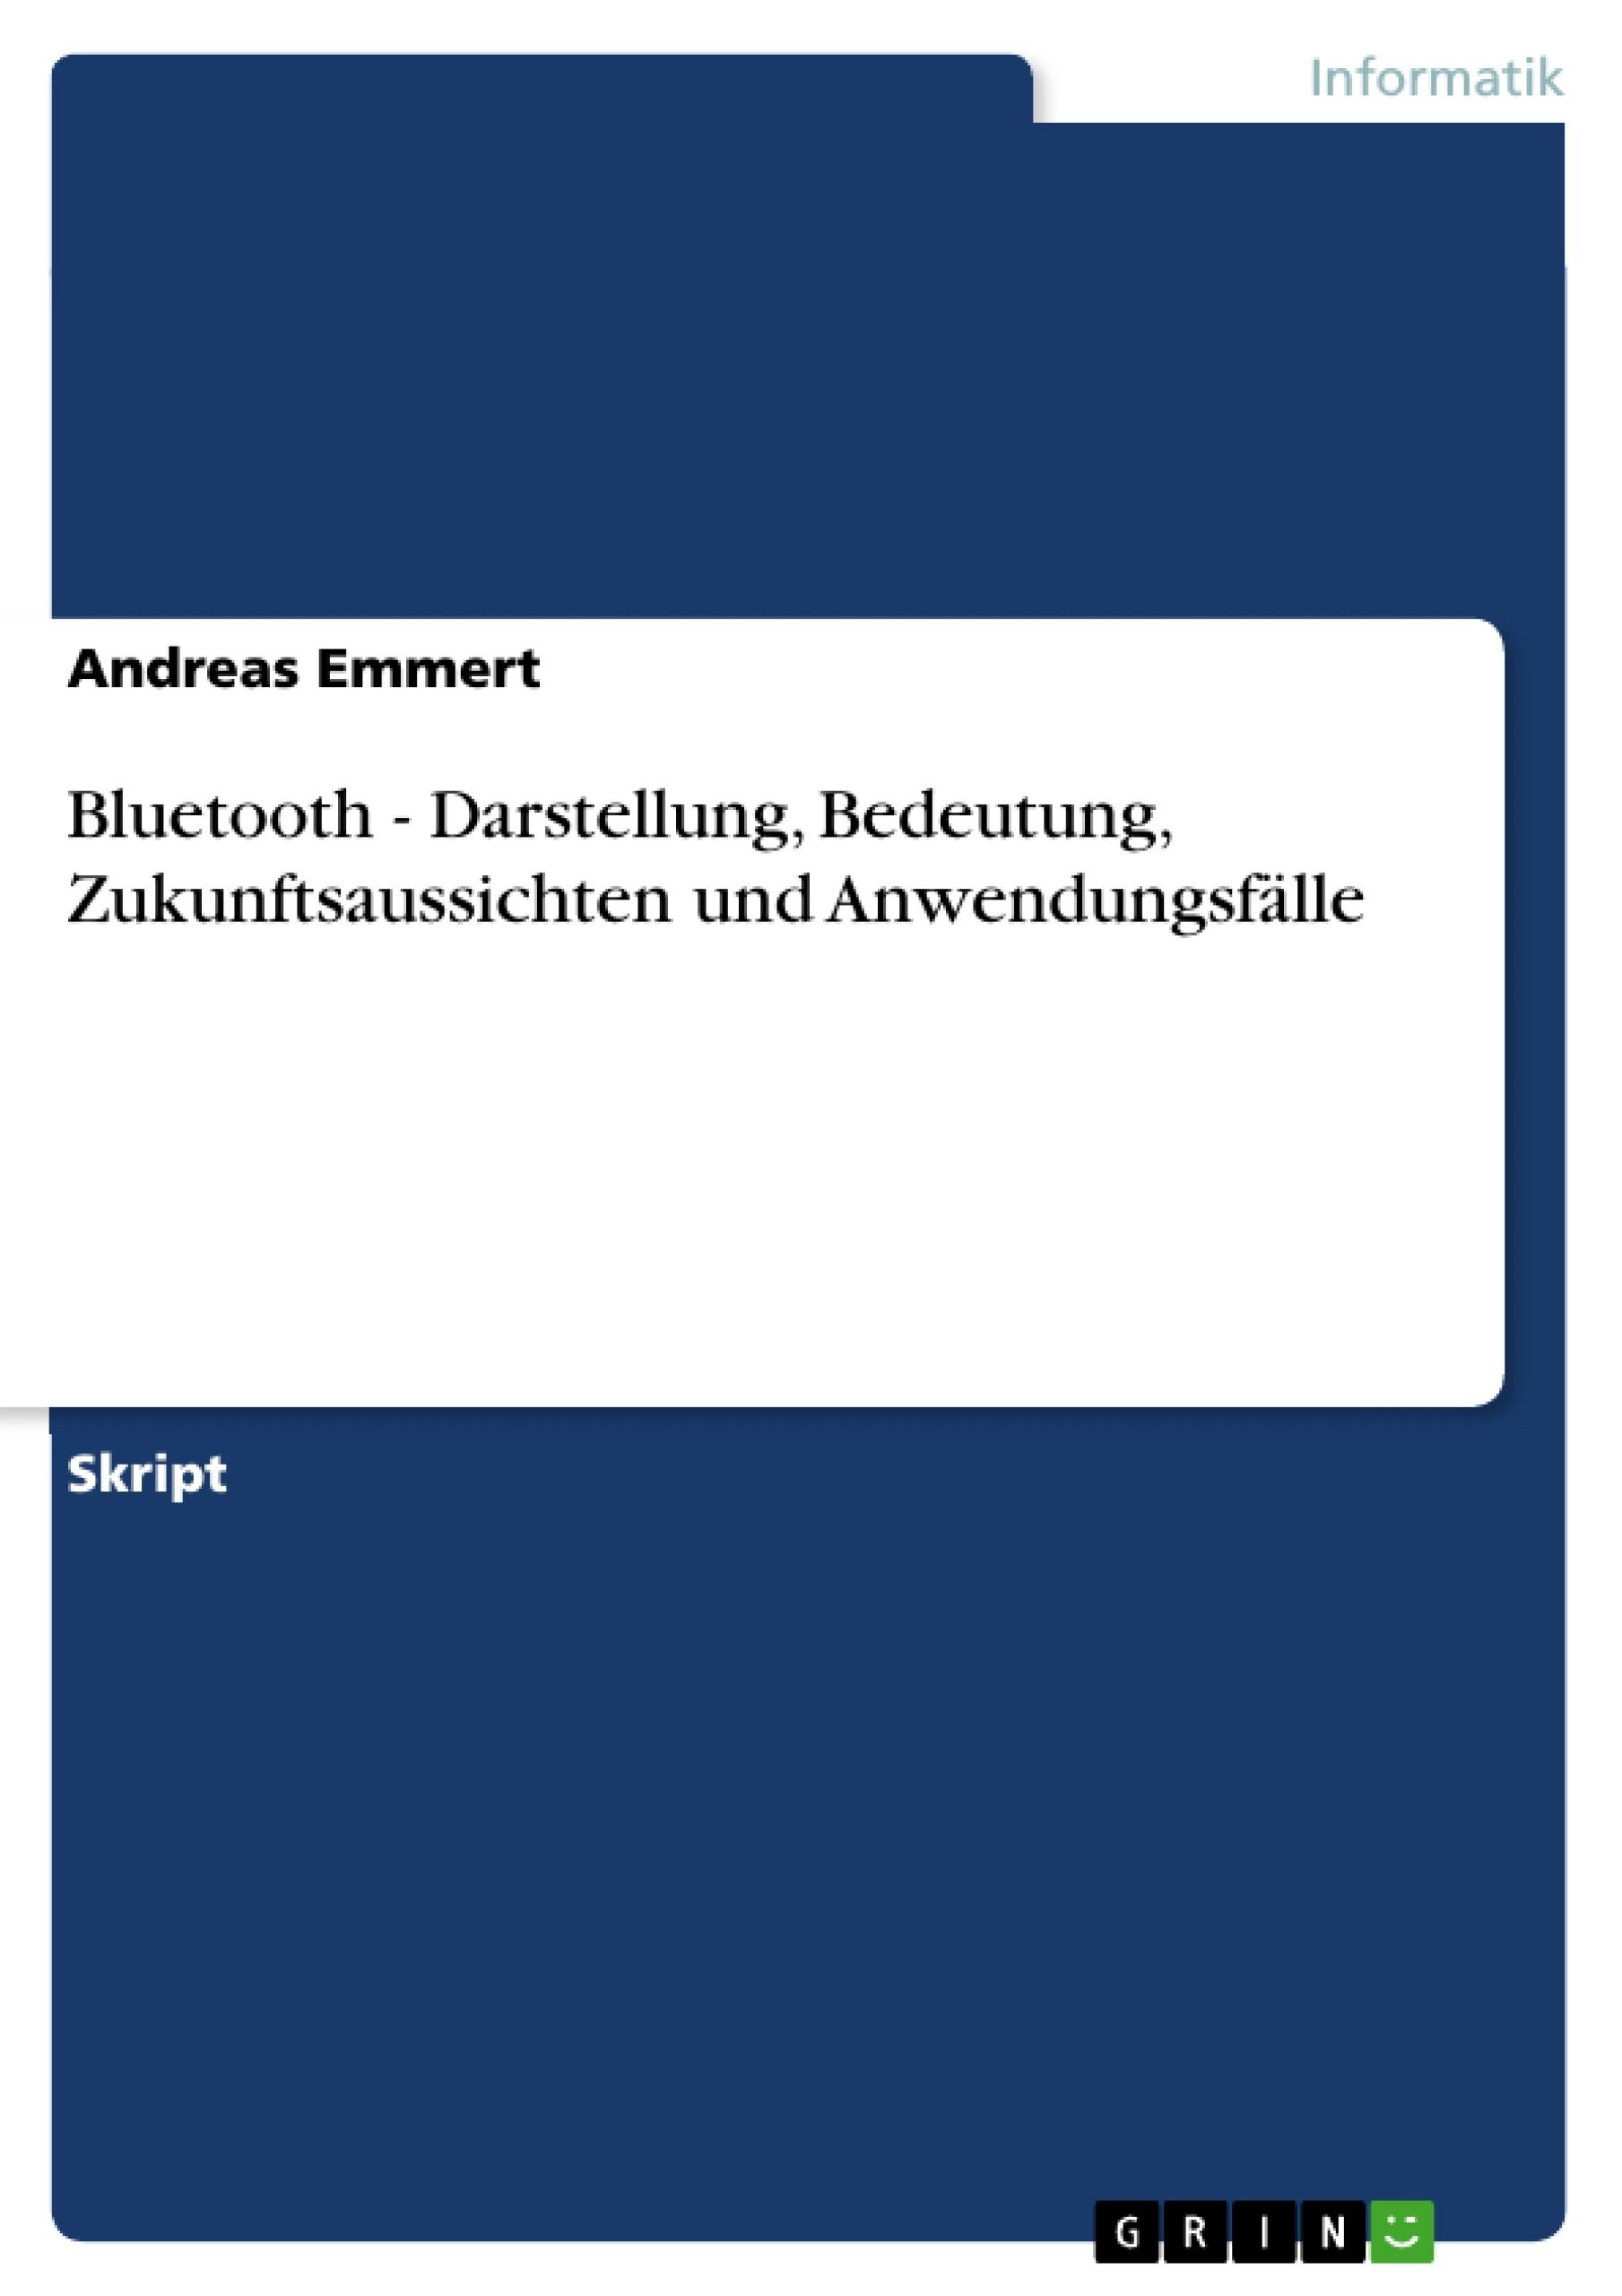 Titel: Bluetooth - Darstellung, Bedeutung, Zukunftsaussichten und Anwendungsfälle